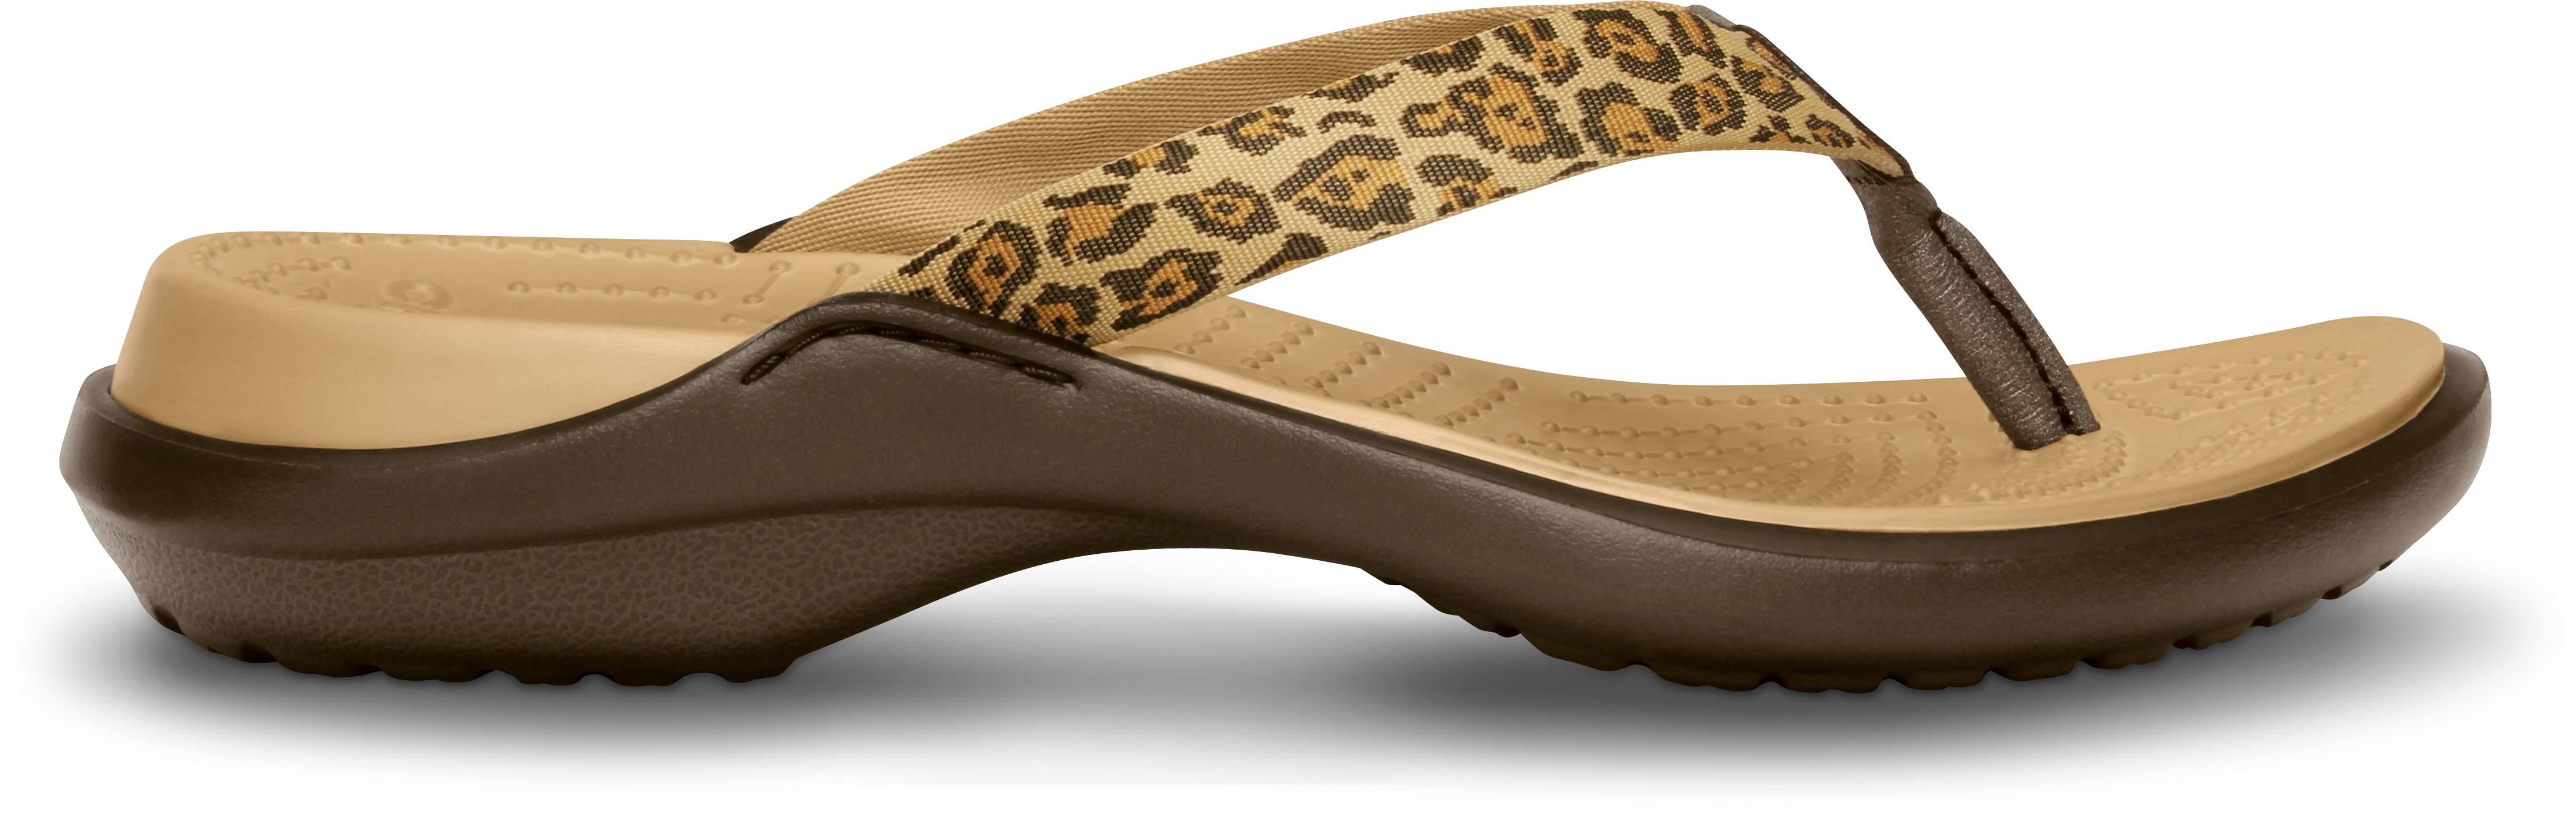 Women's<br /> Capri IV Leopard Print Flip-flop